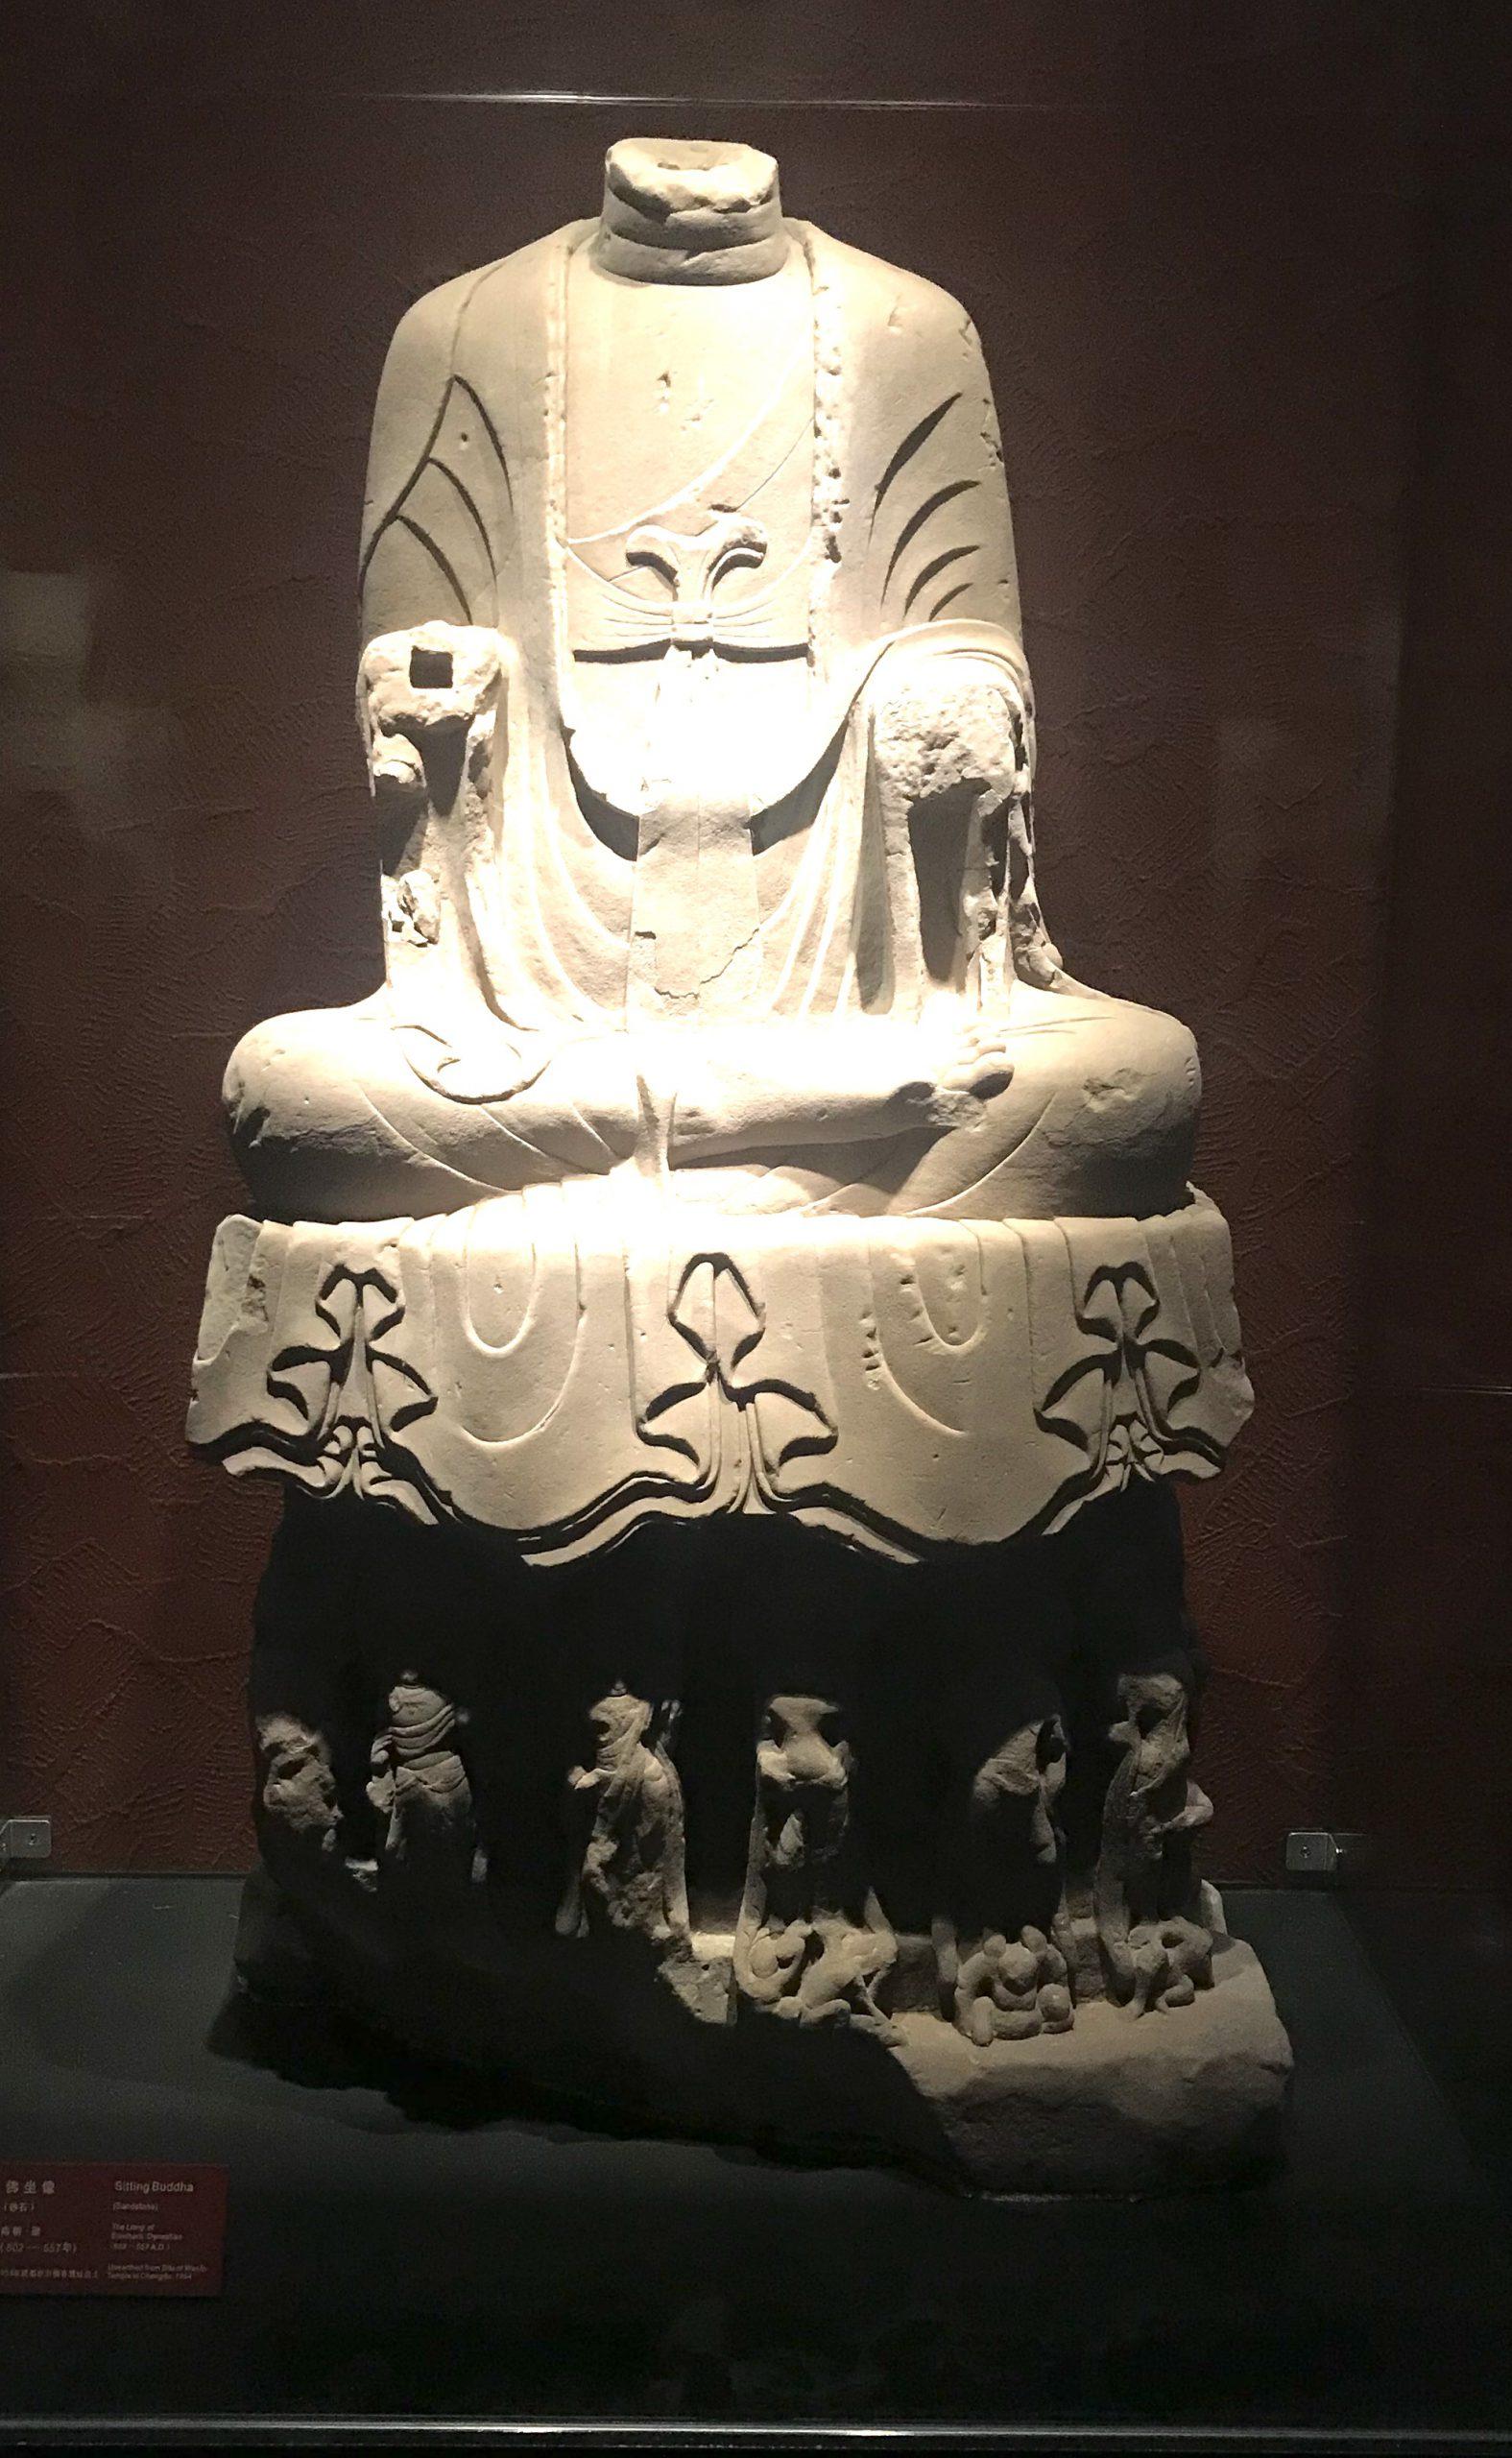 仏坐像1-南朝・梁-四川万仏寺石刻館-四川博物院-成都